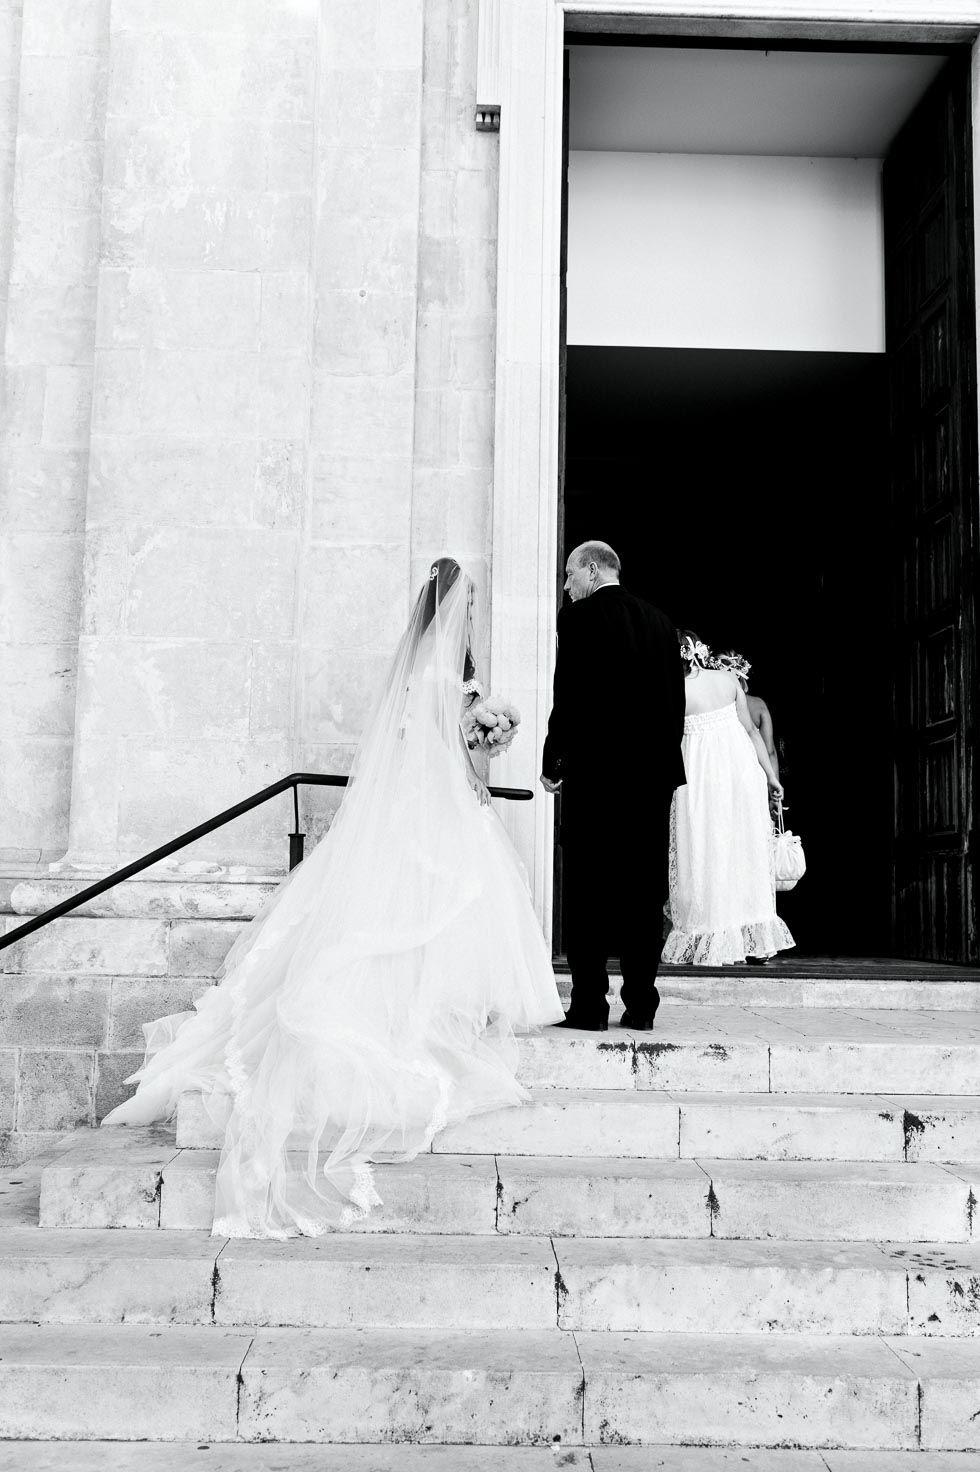 Lieder Zum Einzug Bei Der Hochzeit Fur Einen Atemberaubenden Moment Lieder Hochzeit Hochzeit Lieder Einzug Musik Hochzeit